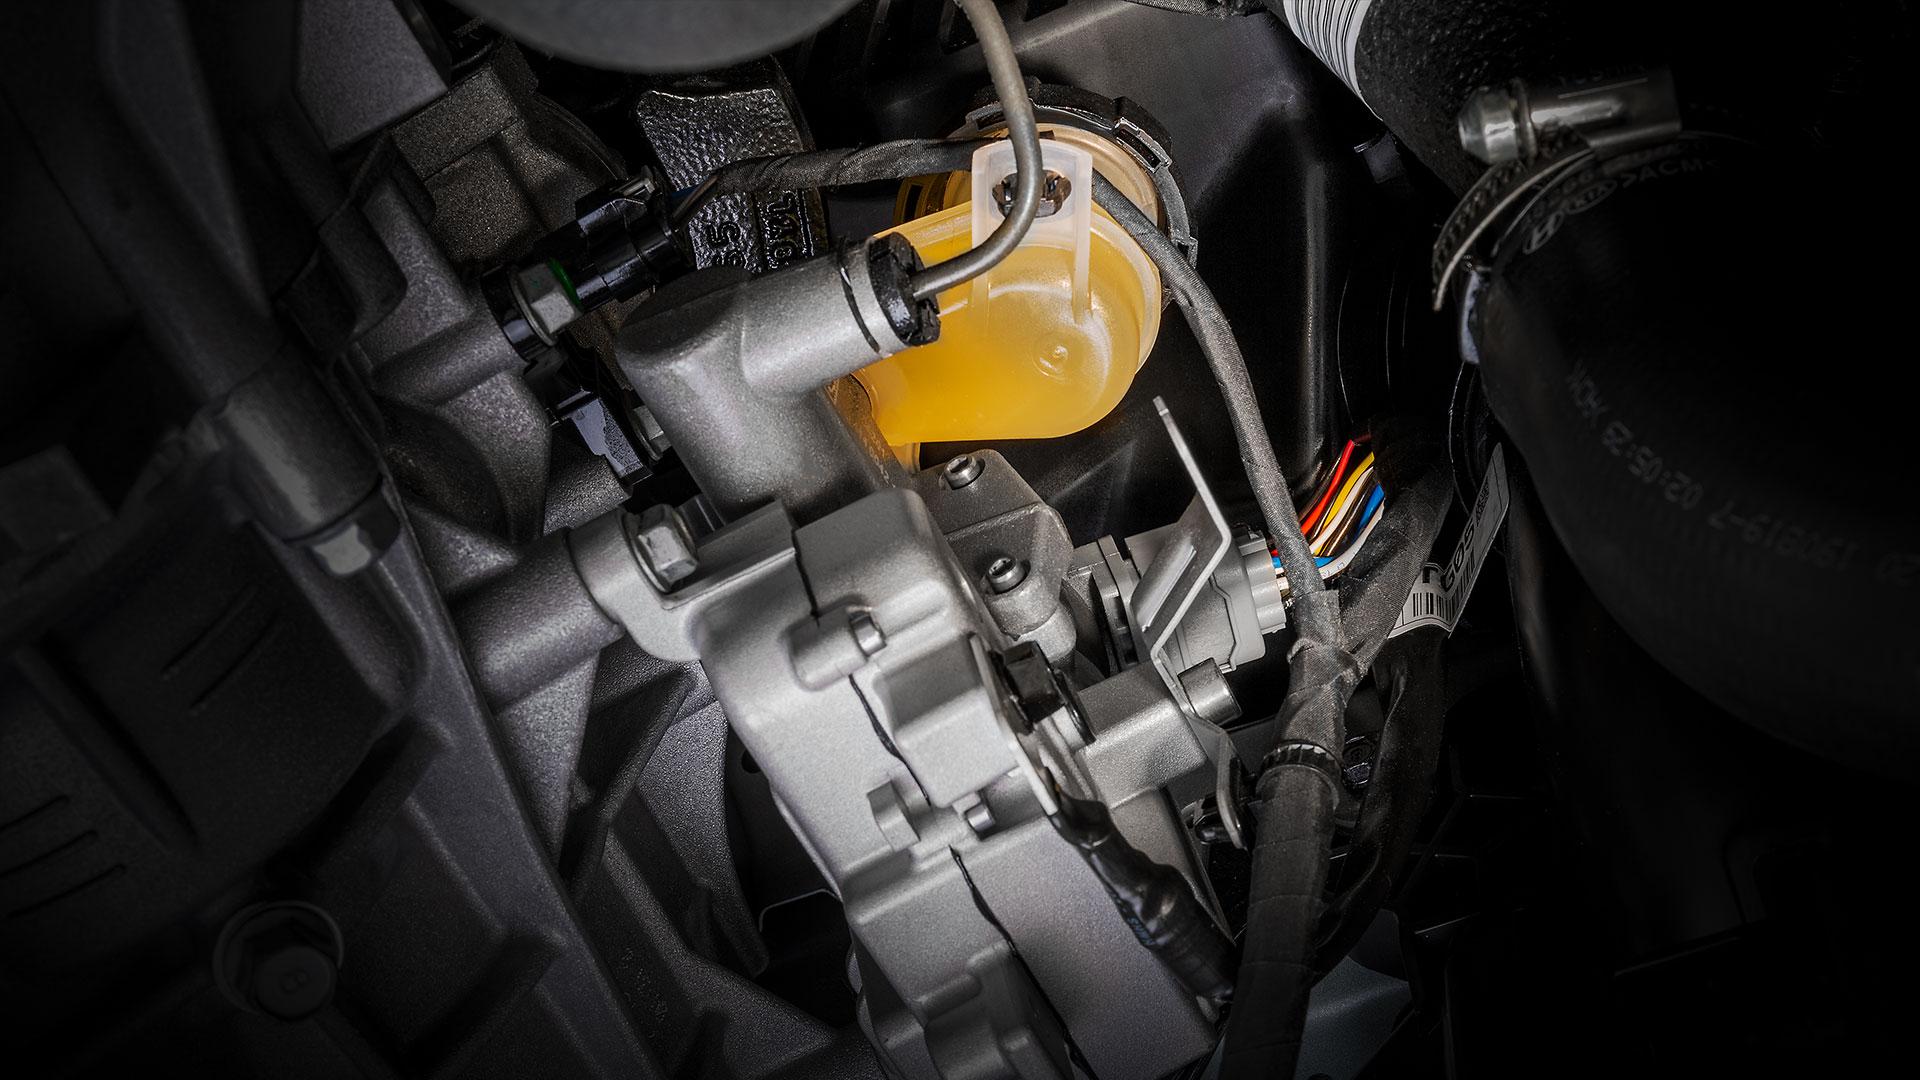 Clutch-by-wire transmission by Kia